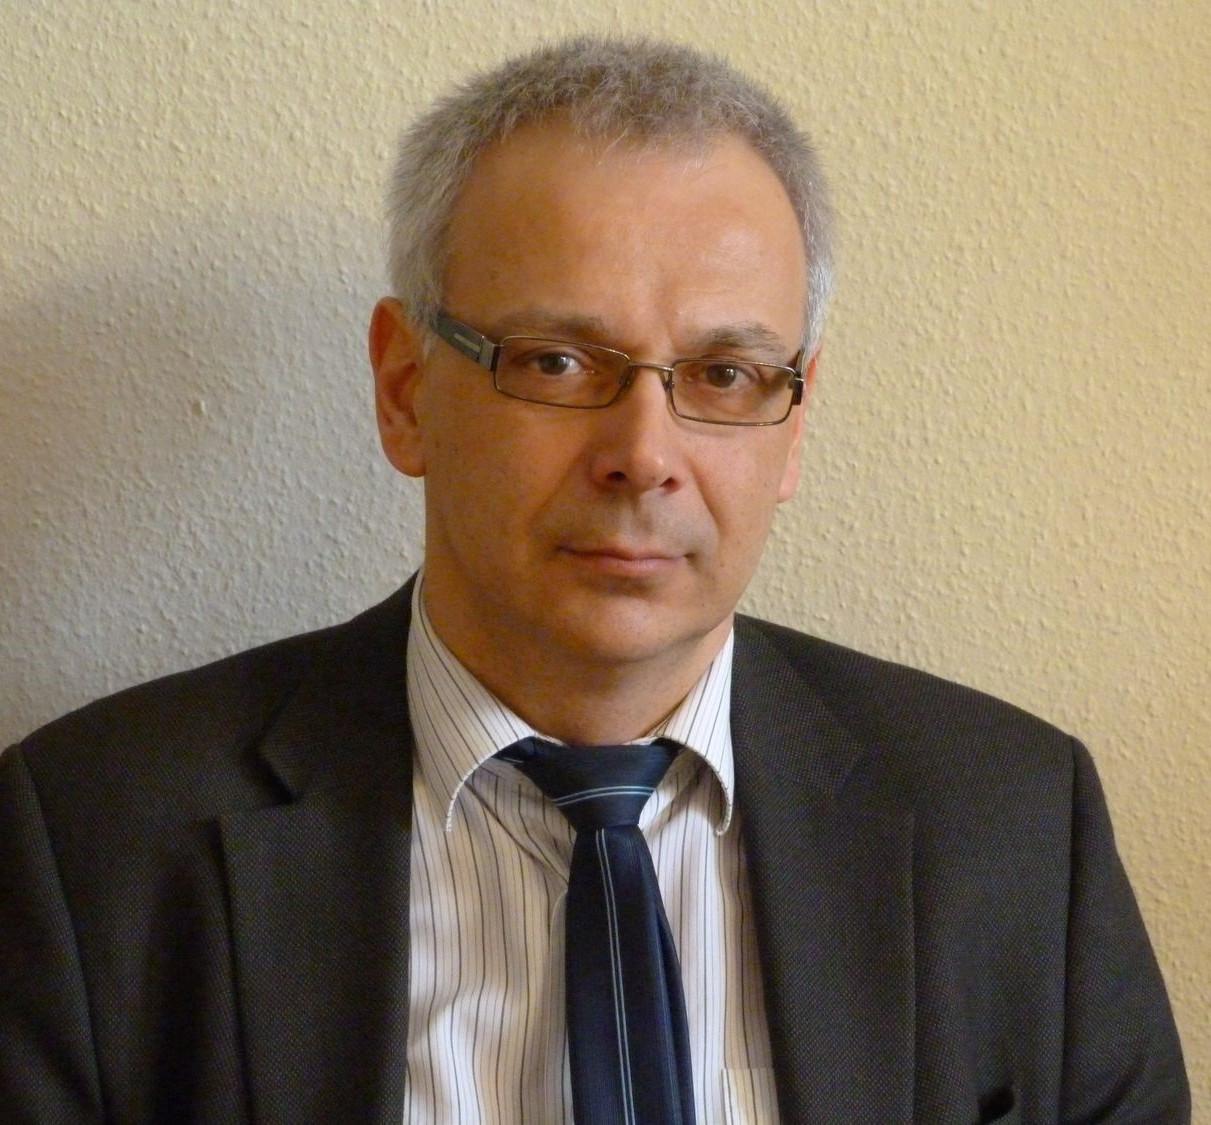 Zsolt György Balogh